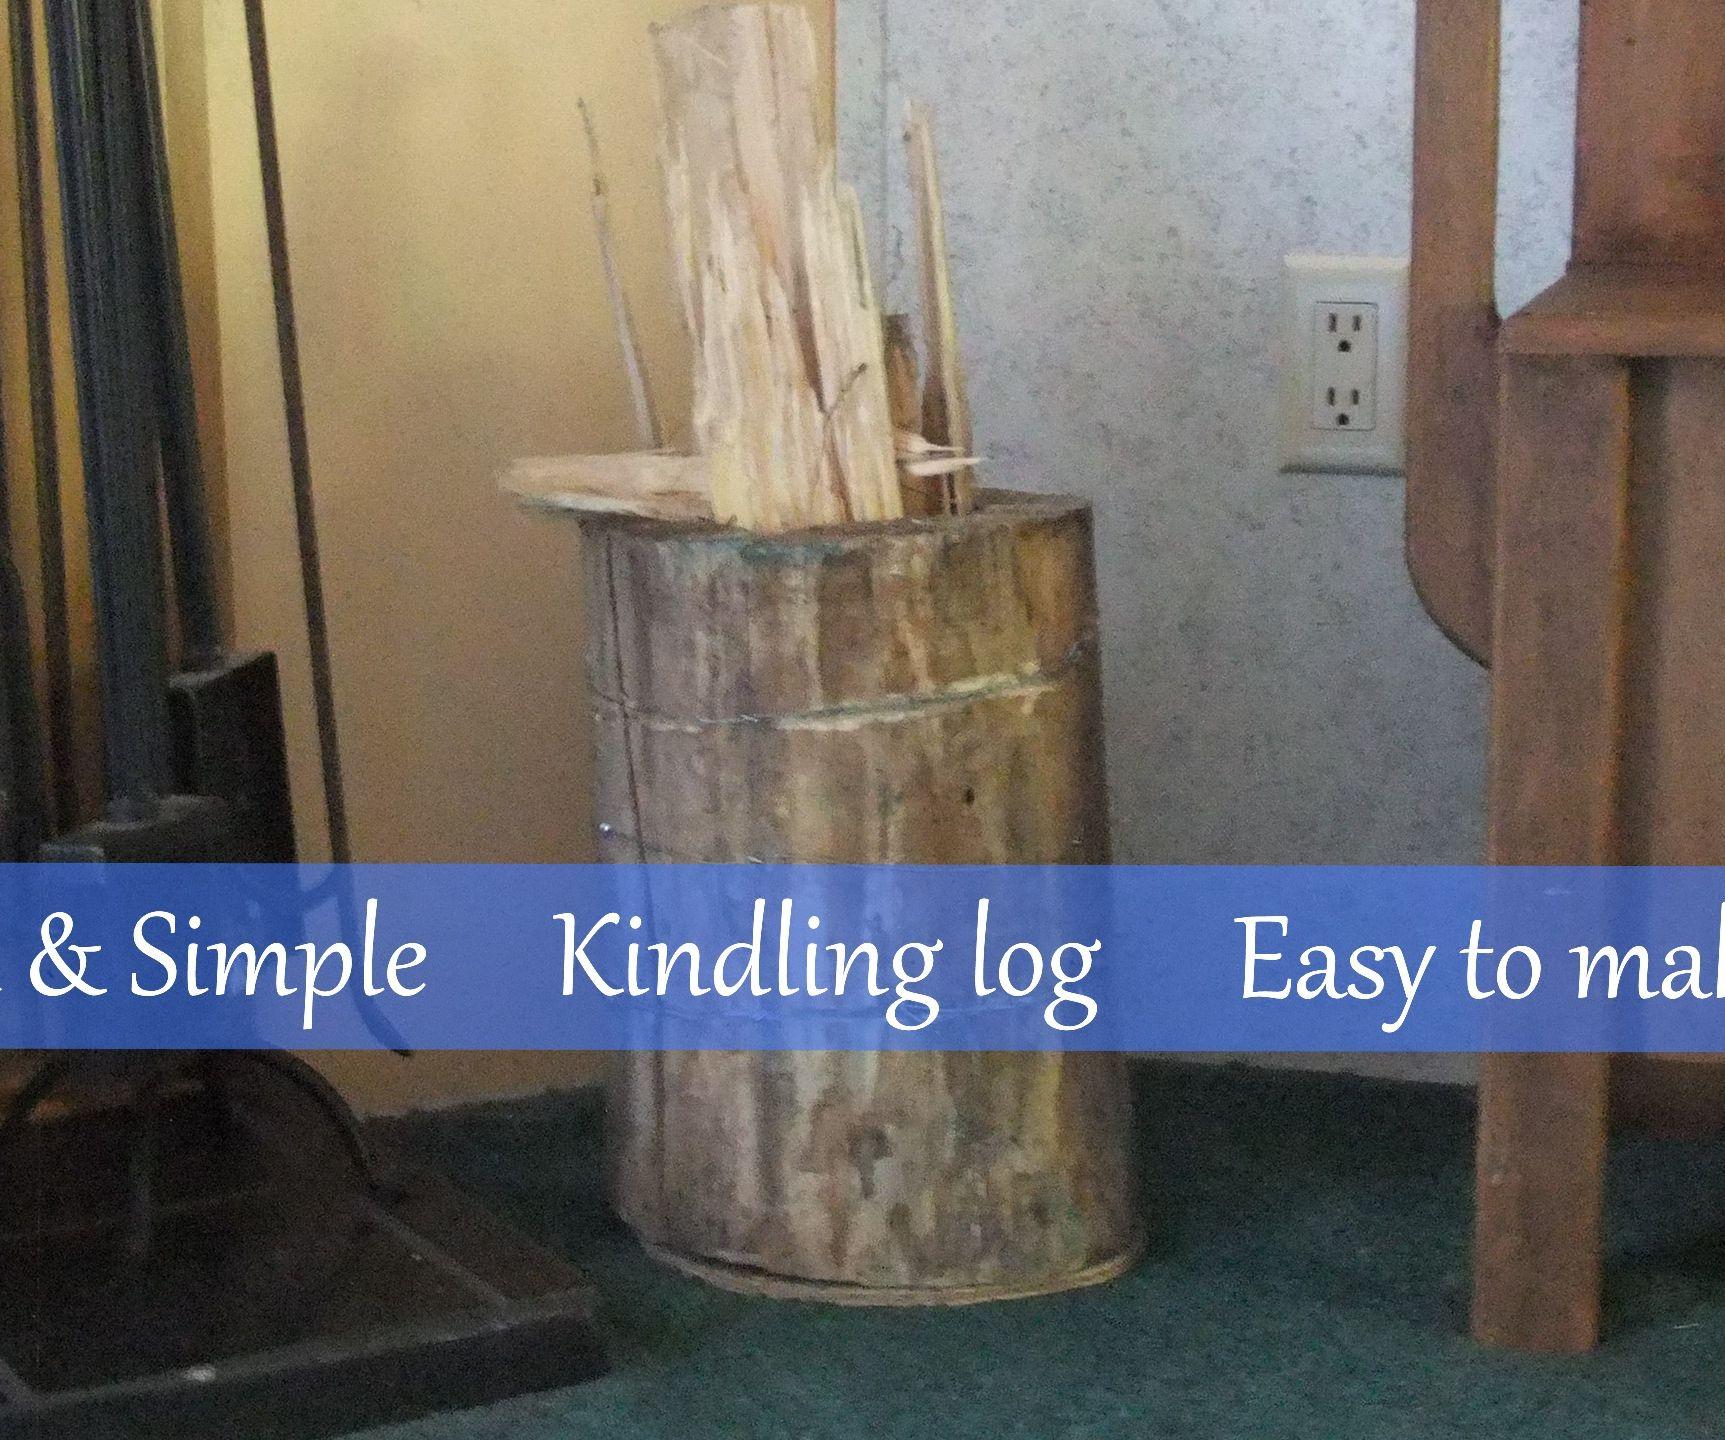 Kindling log